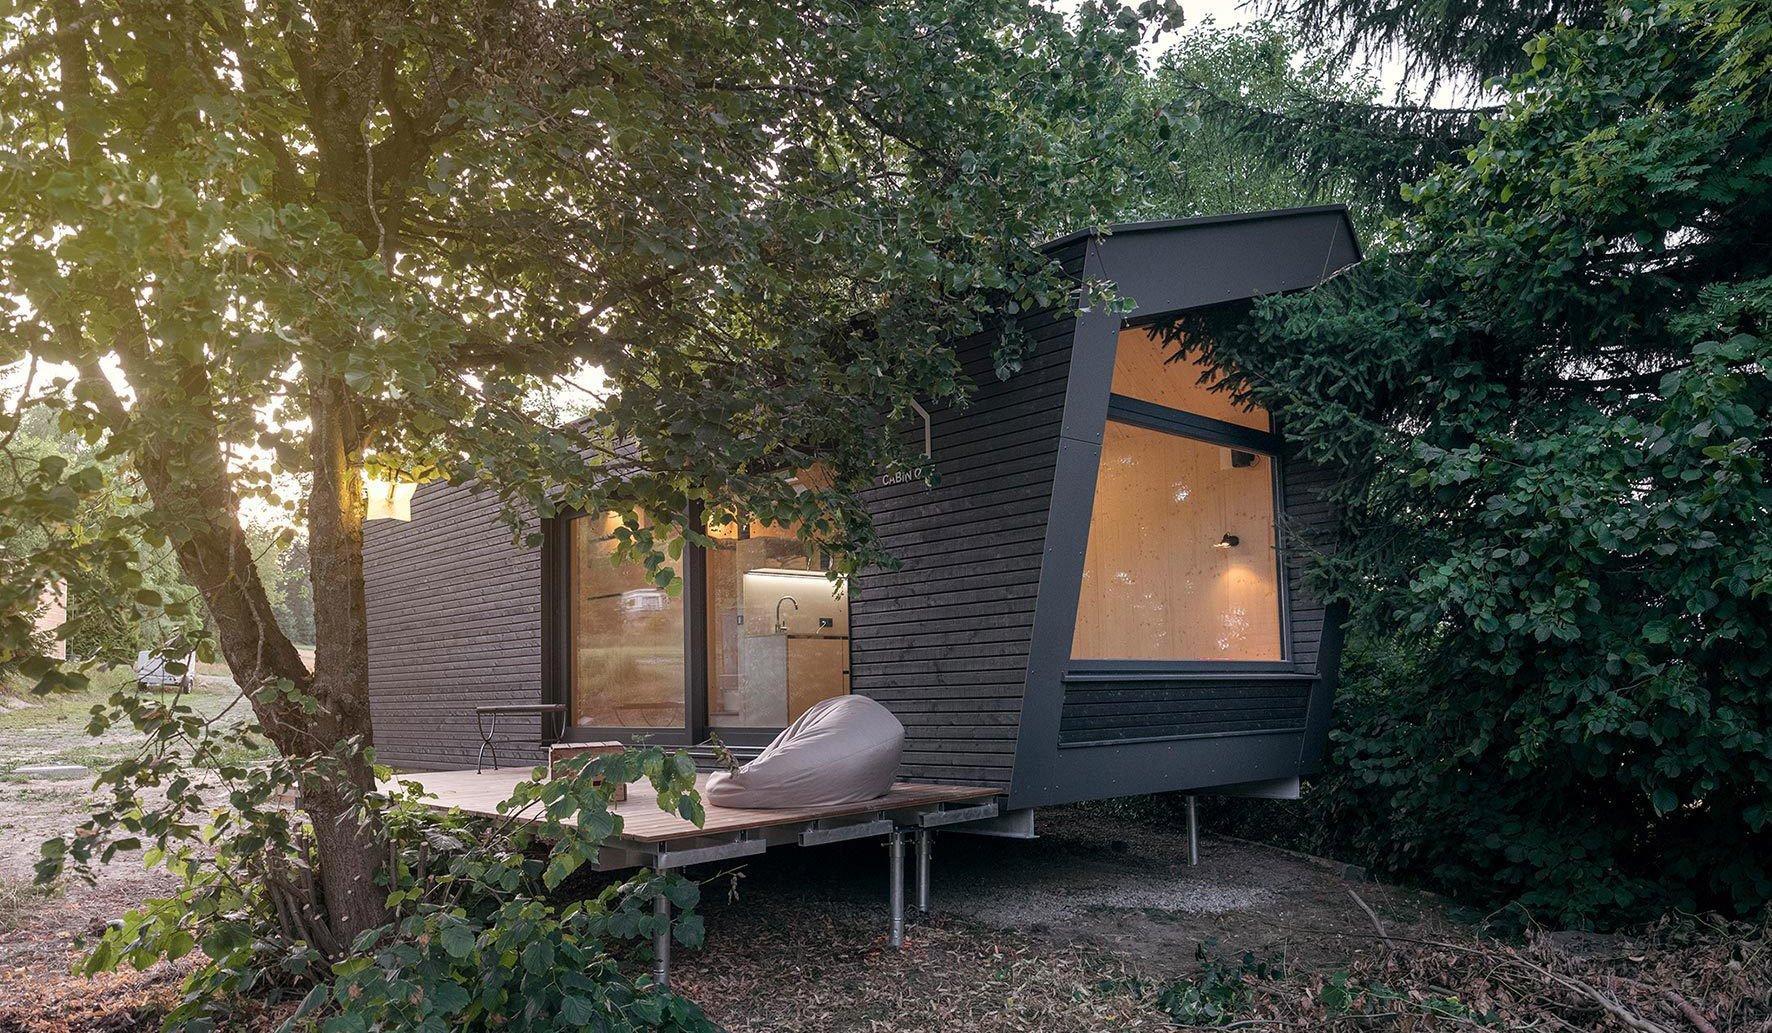 Eine Lösung für die Wohnungszukunft bietet Cabin One: In dem Minihaus lässt es sich auf Dächern, in stadtnaher Natur oder gar in der Wildnis mit höchstem Wohnkomfort leben – auch dank der Smart-Home-Ausstattung von Gira.